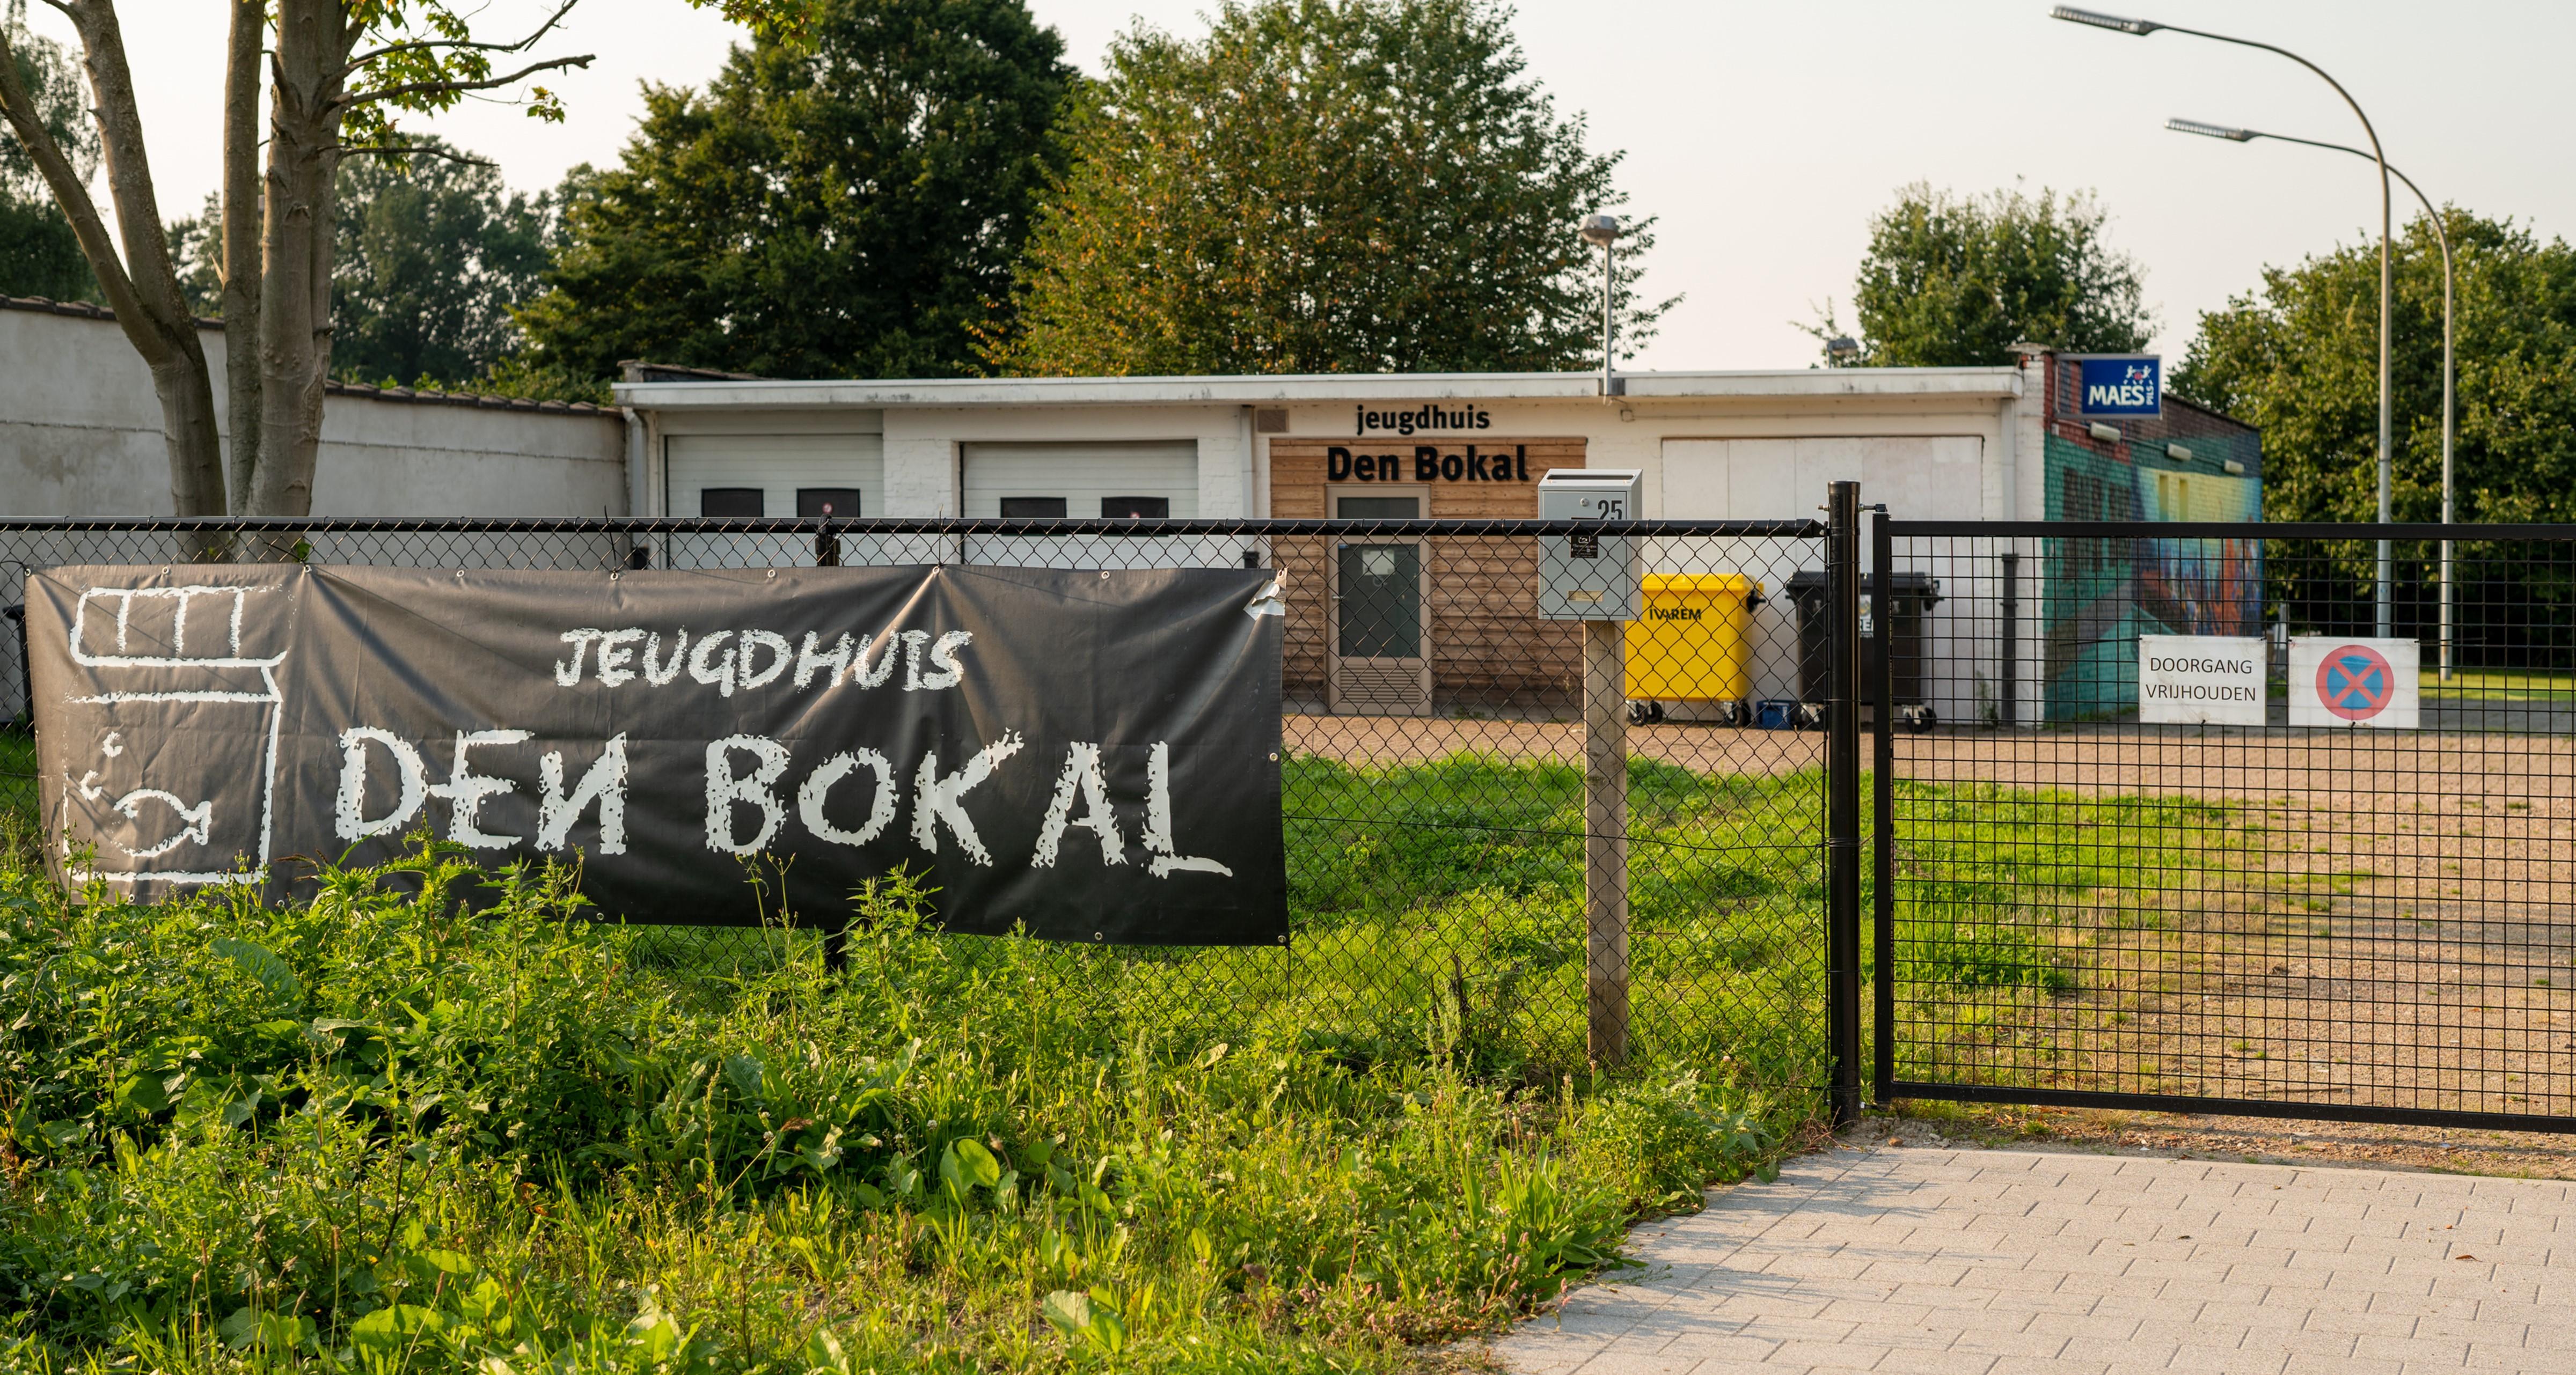 Jeugdhuis Den Bokal